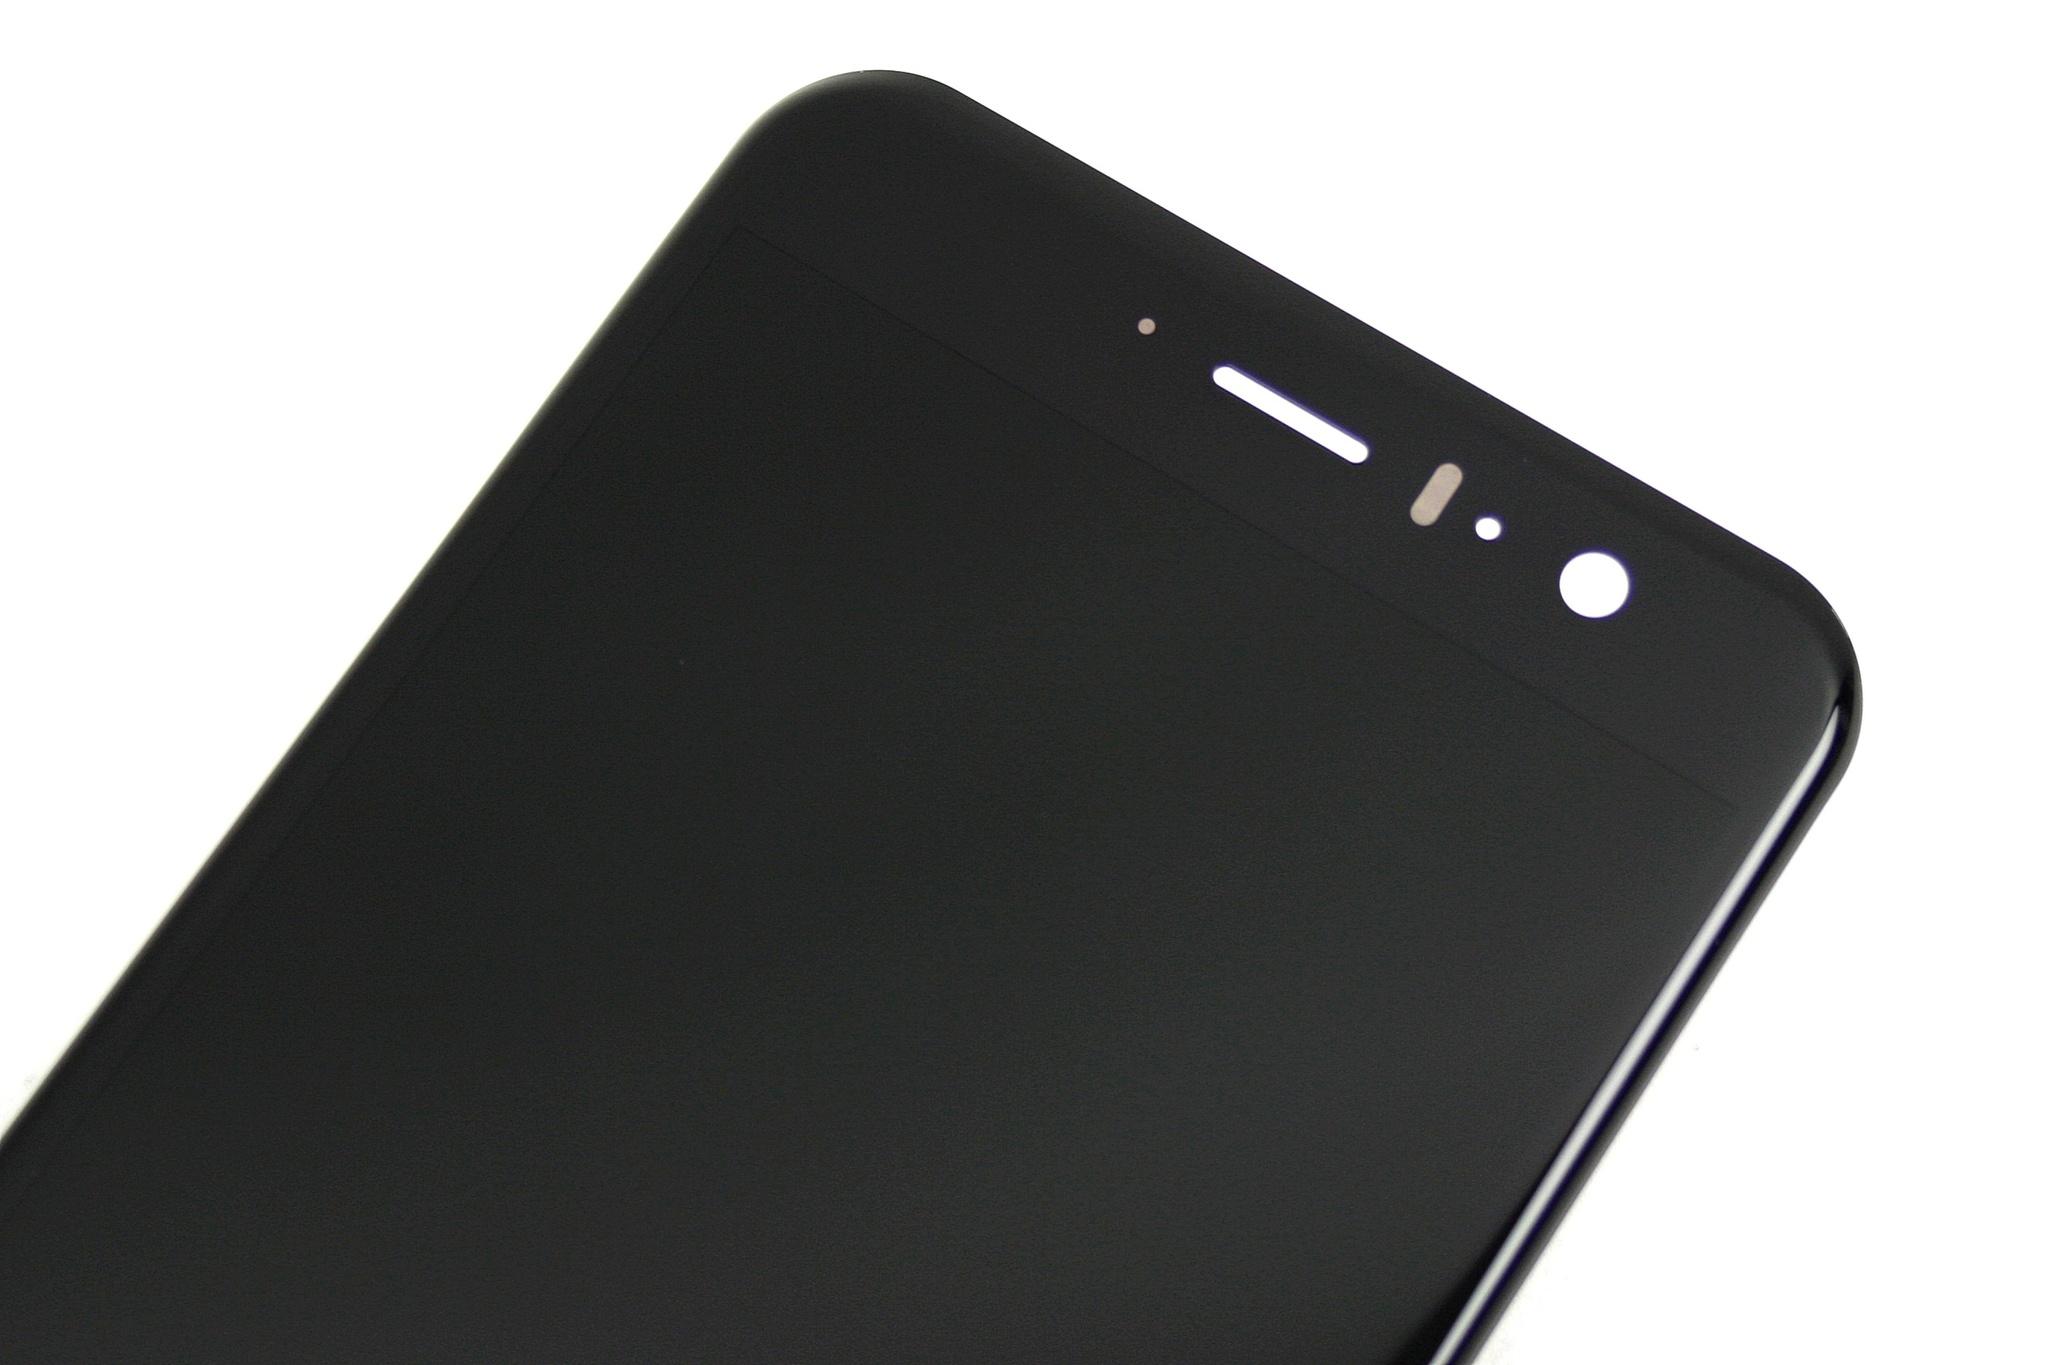 LCD WYŚWIETLACZ EKRAN DIGITIZER DOTYK DO U11 HTC